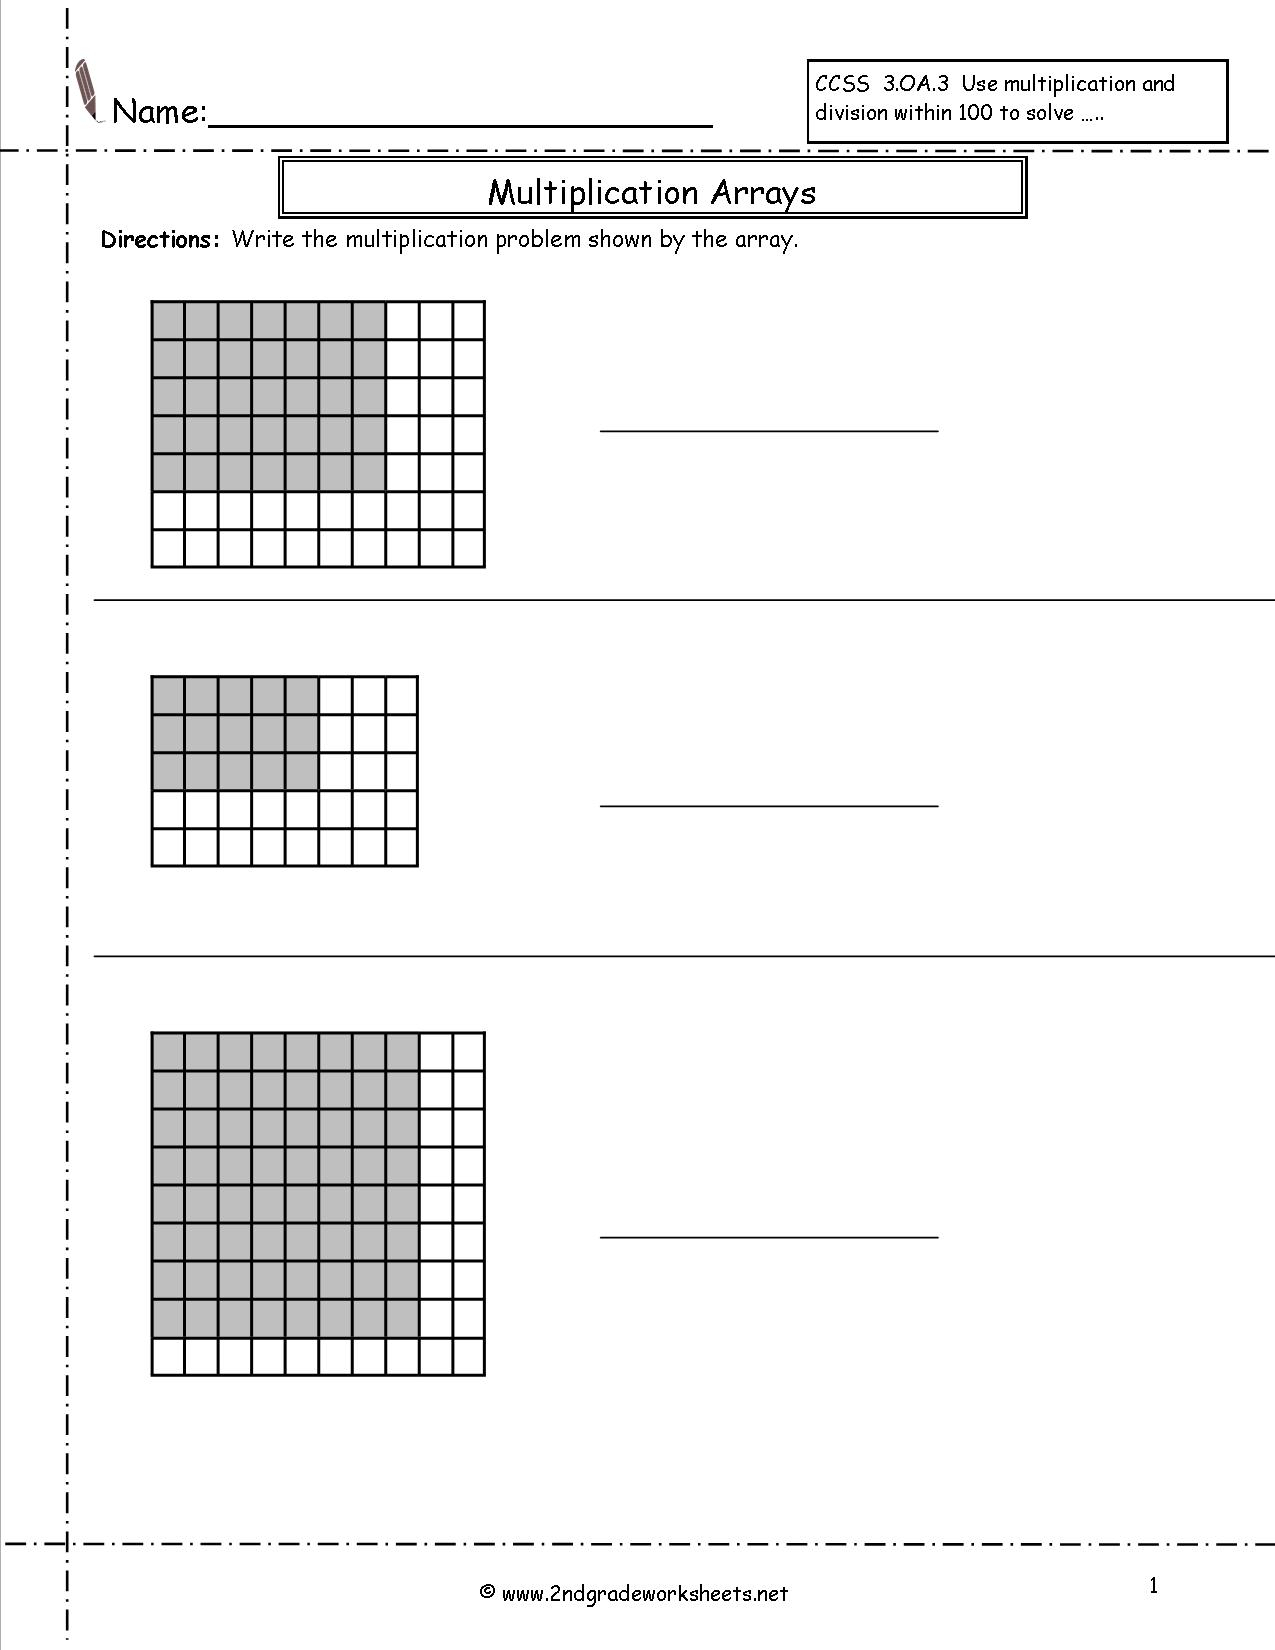 Multiplication Arrays Worksheets inside Printable Multiplication Array Worksheets